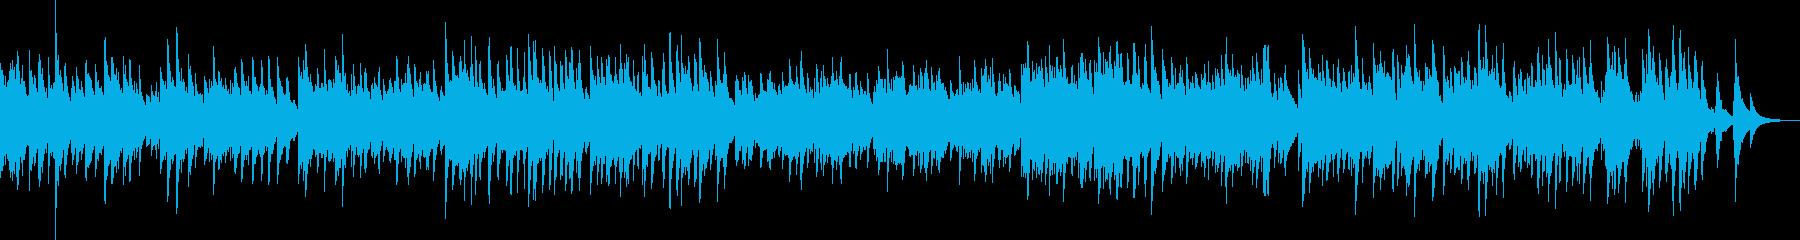 悲しく切ないピアノバラード(後悔・懺悔)の再生済みの波形